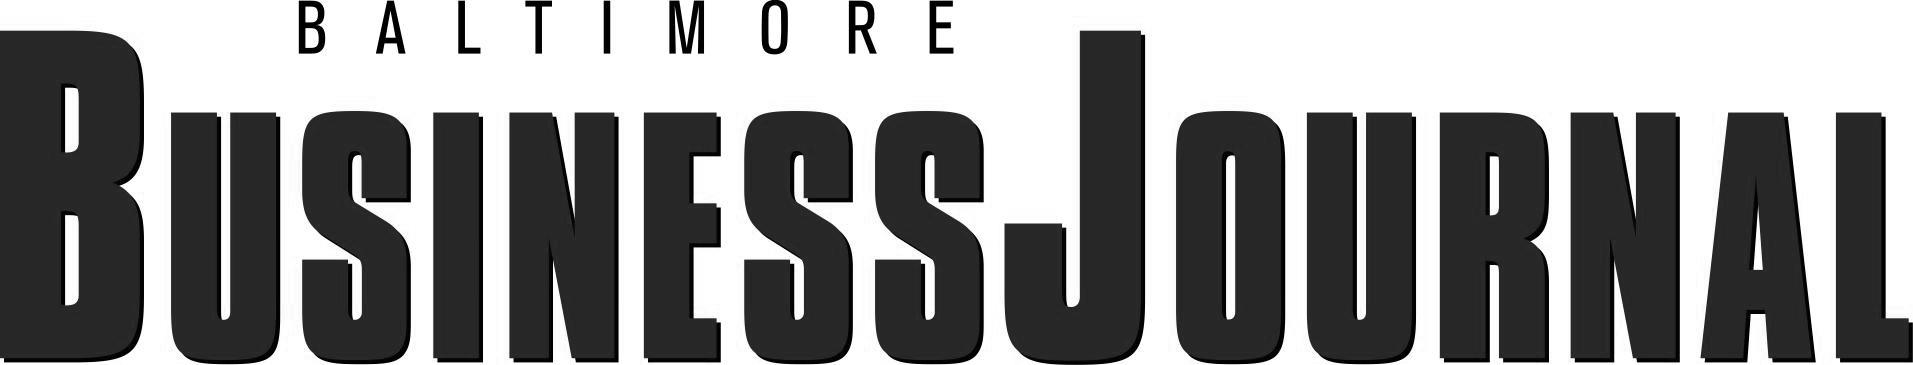 BaltimoreBusinessJournal logo.png